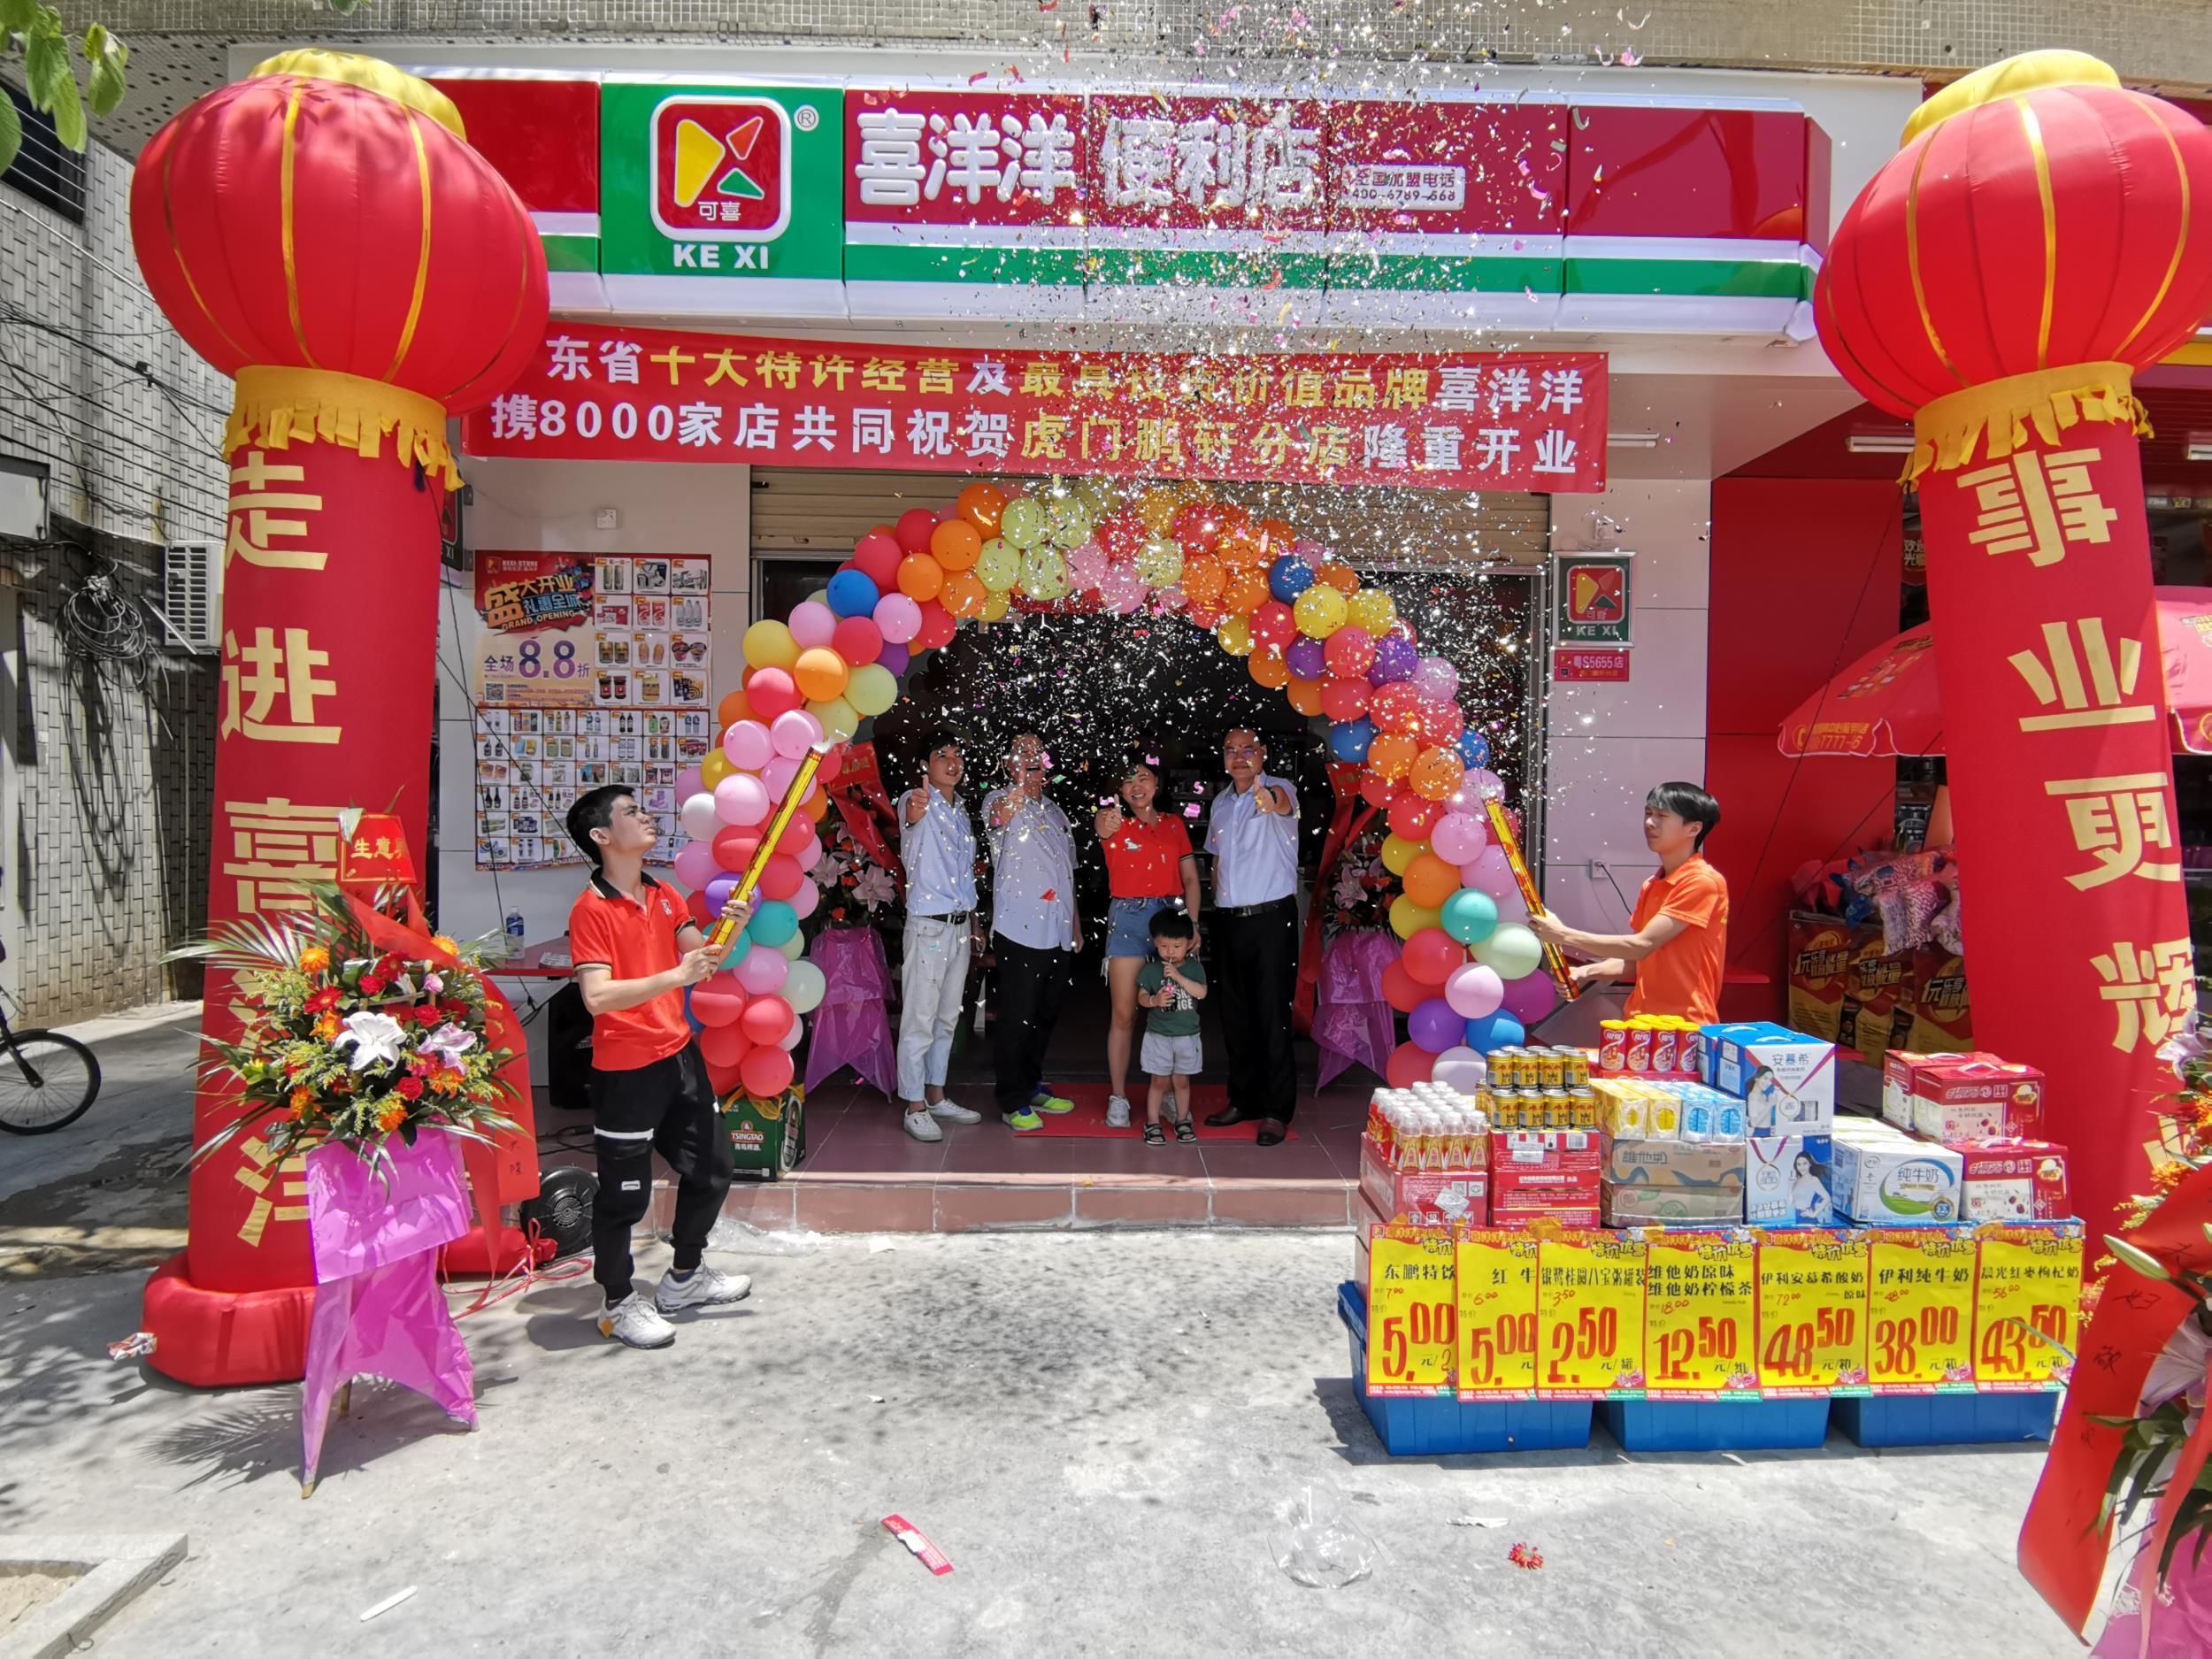 喜洋洋便利店虎门鹏轩分店6月15日隆重开业